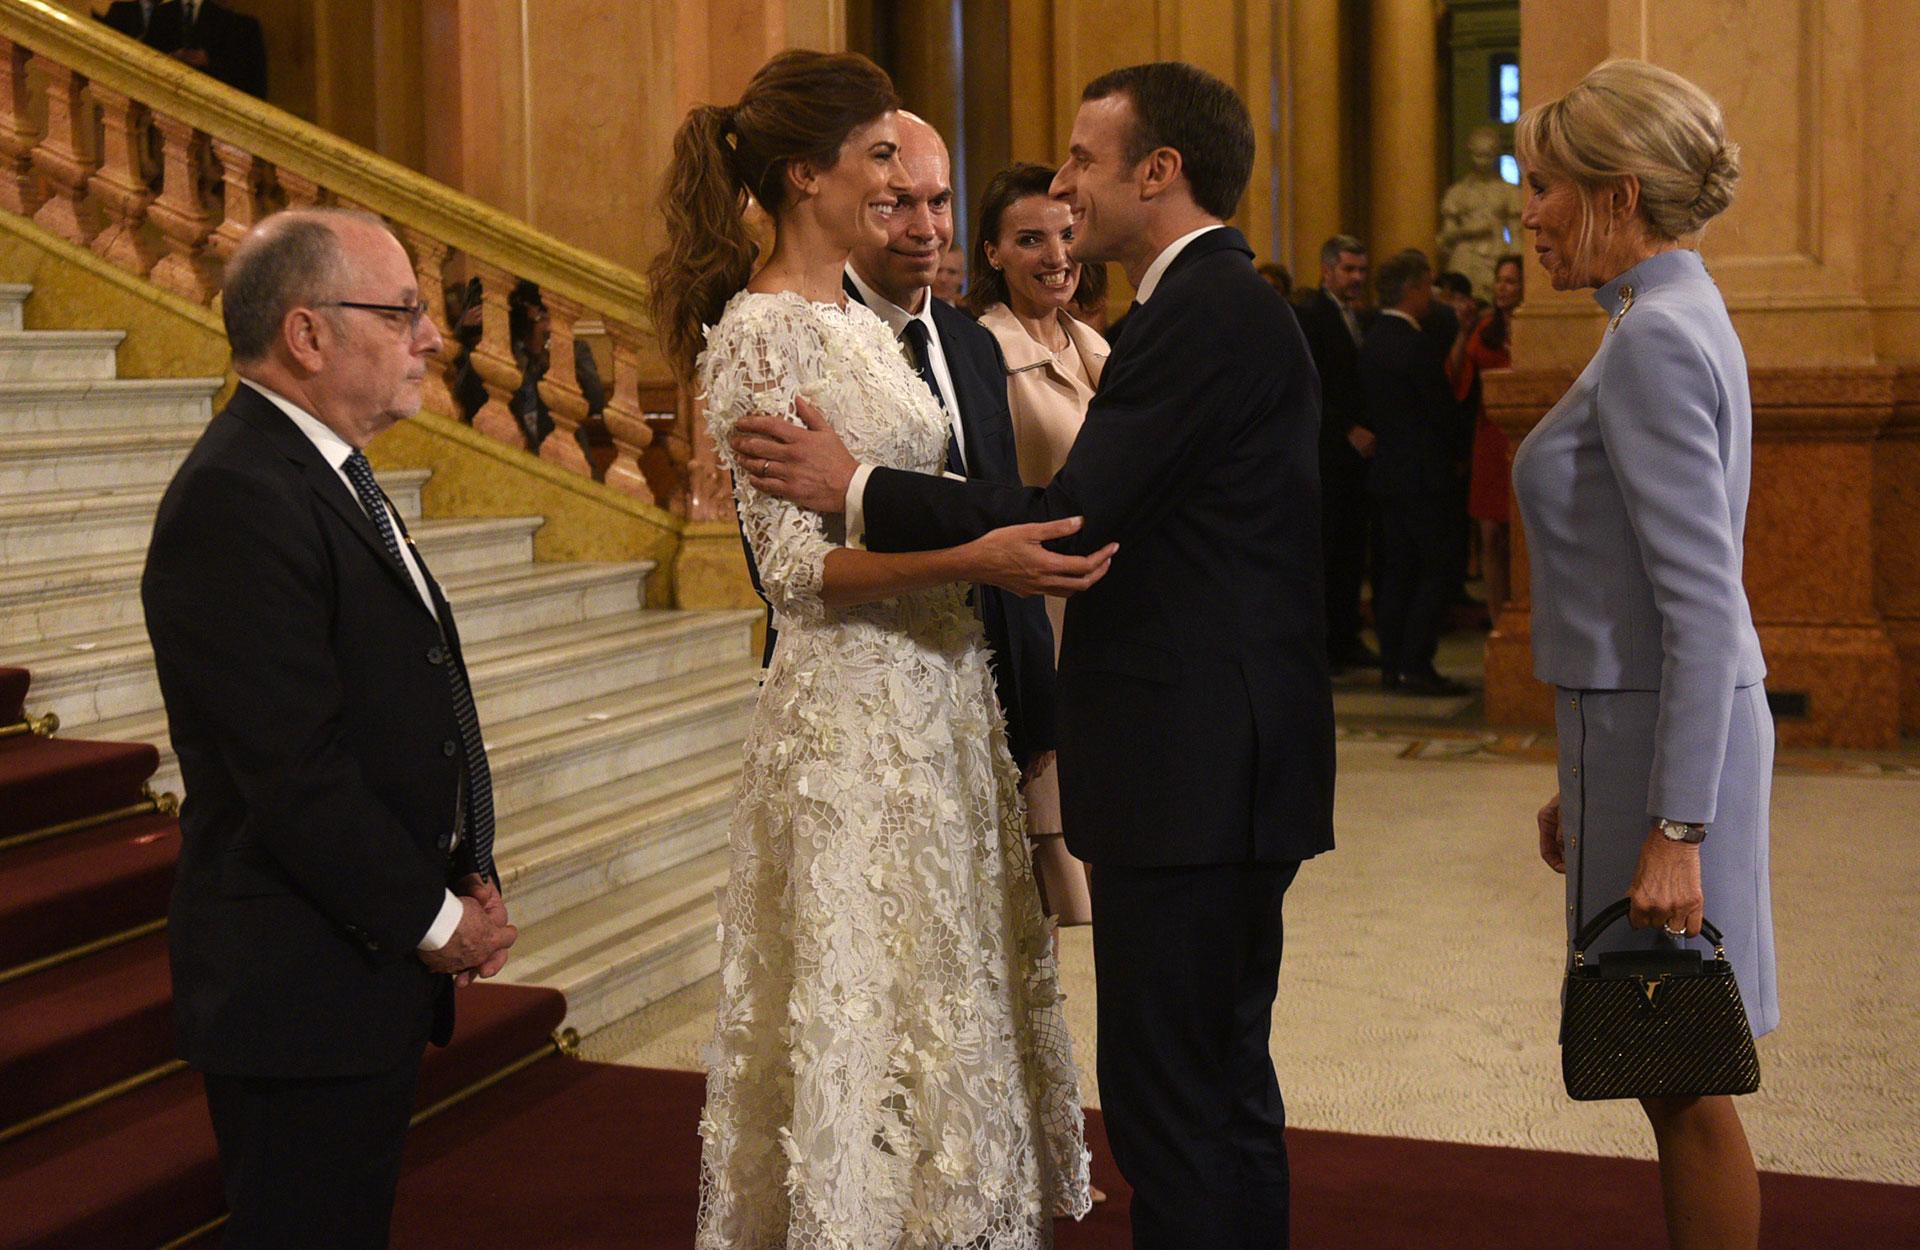 El canciller Jorge Faurie y Juliana Awada reciben al presidente de Francia, Emmanuel Macron, y su mujer Brigitte